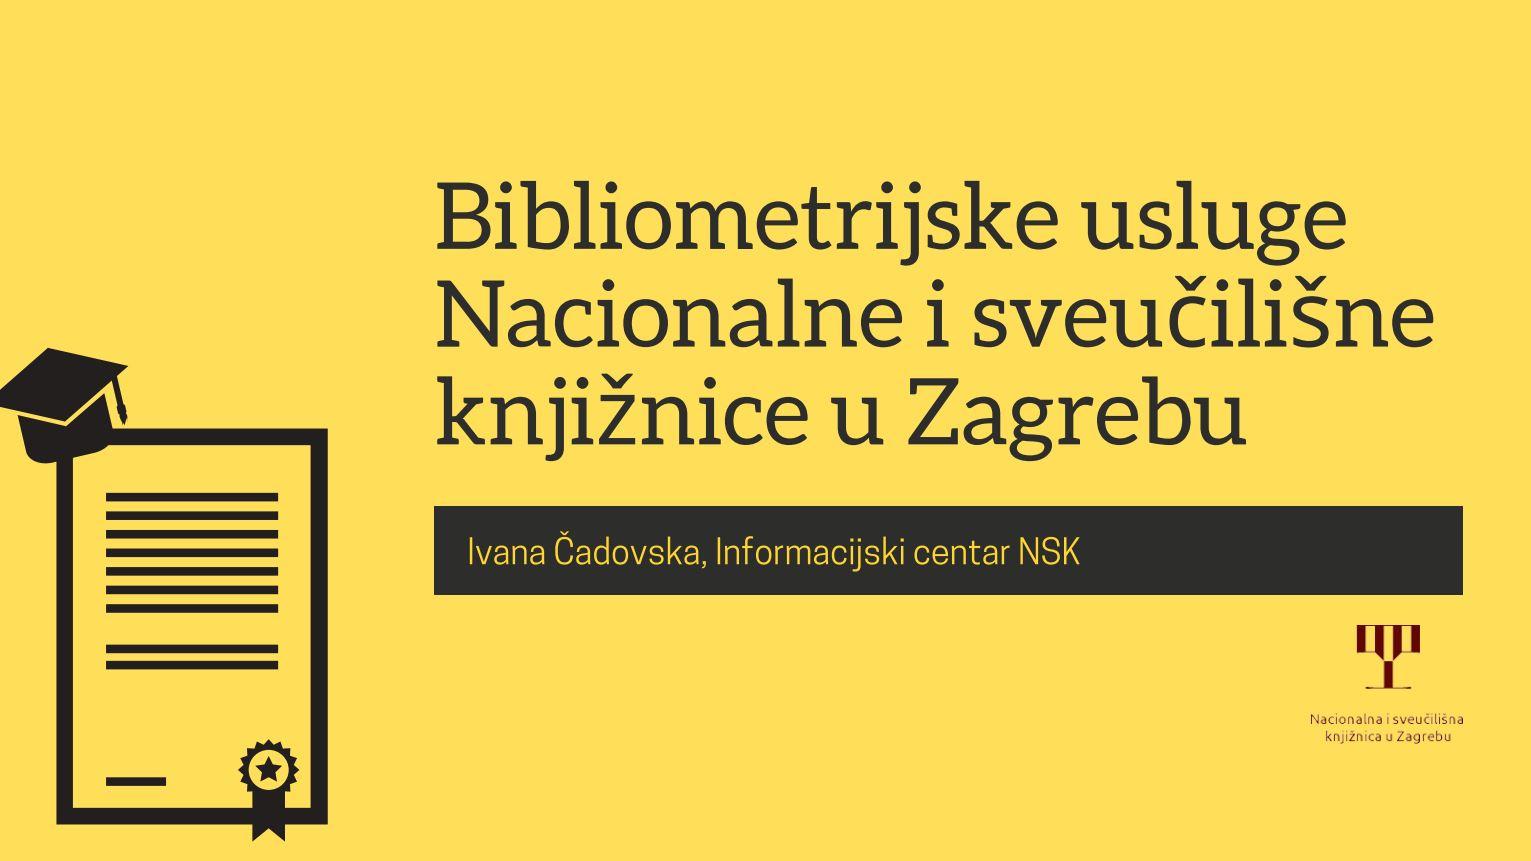 Bibliometrijske usluge Nacionalne i sveučilišne knjižnice u Zagrebu